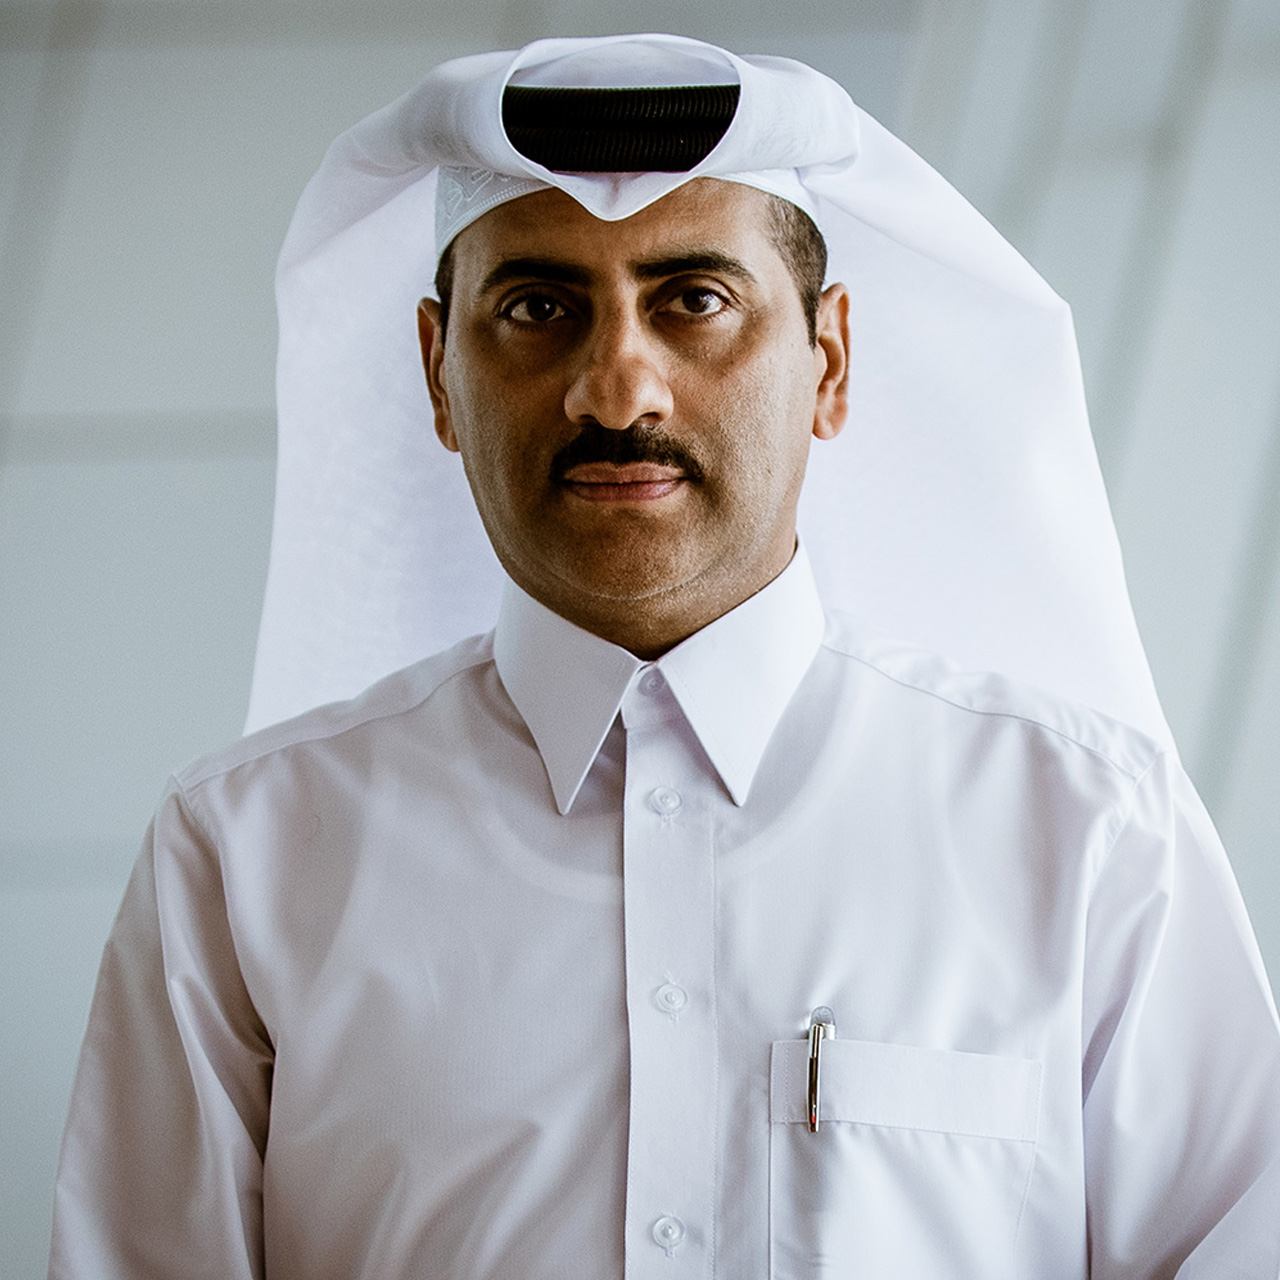 Yosouf Abdulrahman Al Salehi